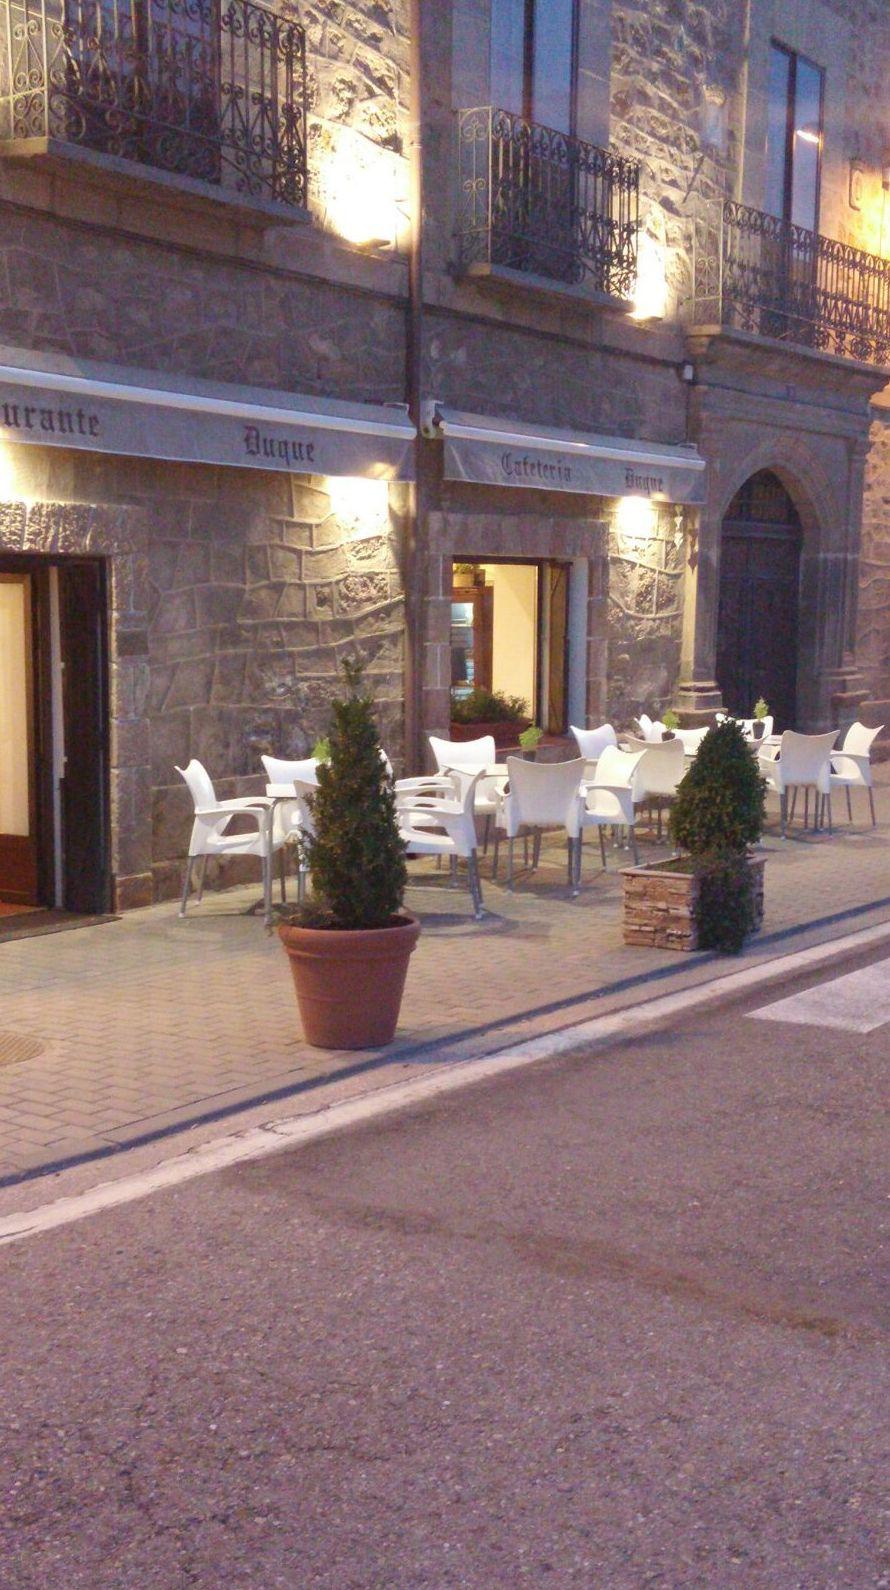 Foto 2 de Cocina creativa en Estación de Medinaceli | Restaurante Duque